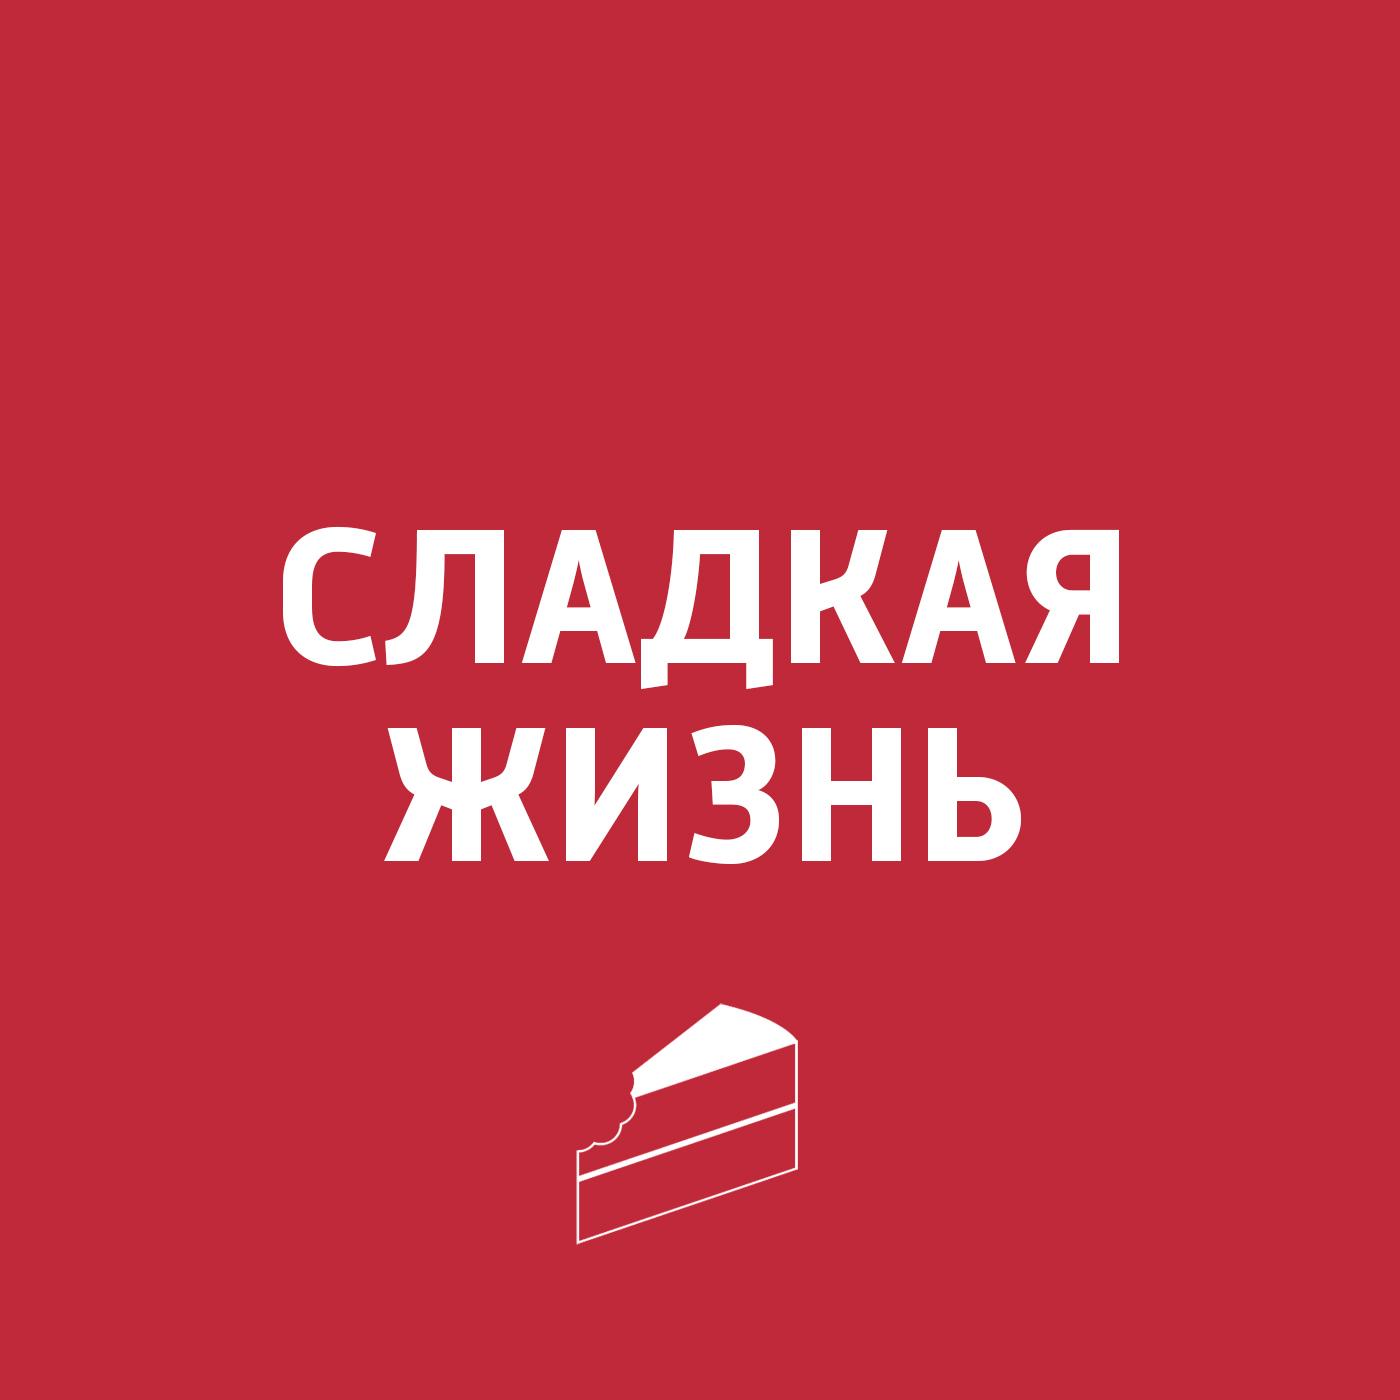 Картаев Павел Желе